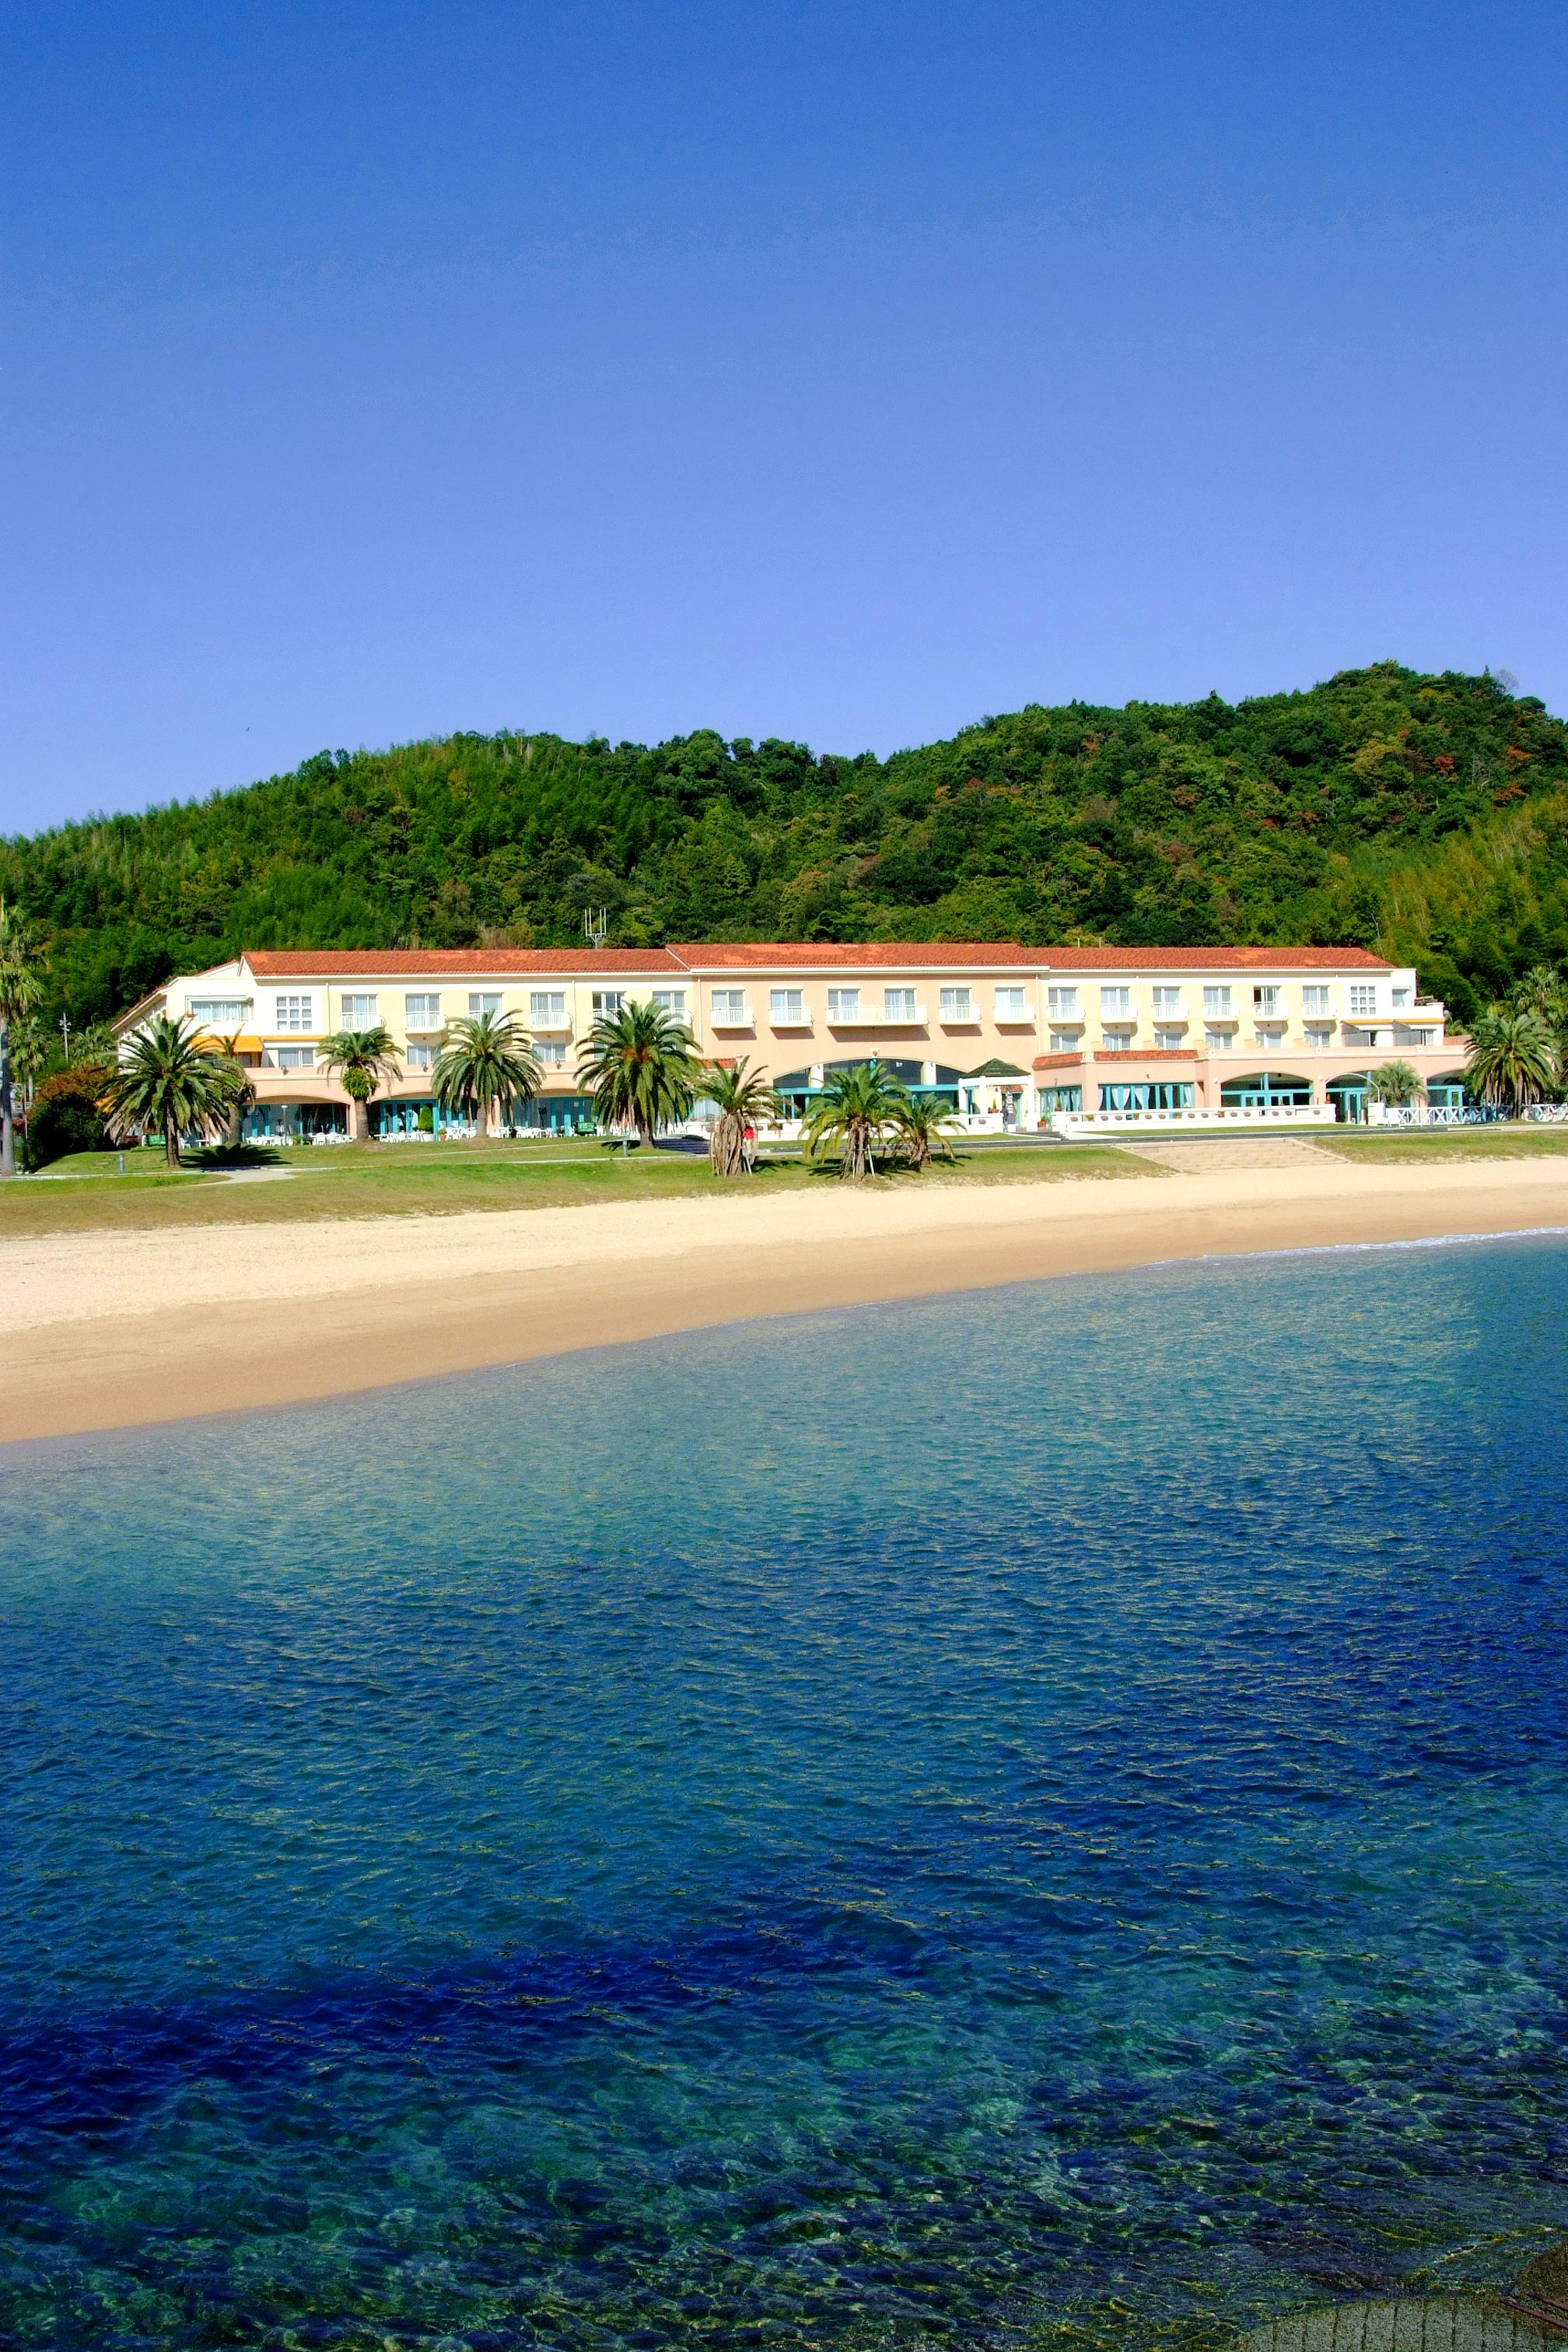 海から見えるホテル全景(タテ)1.jpg